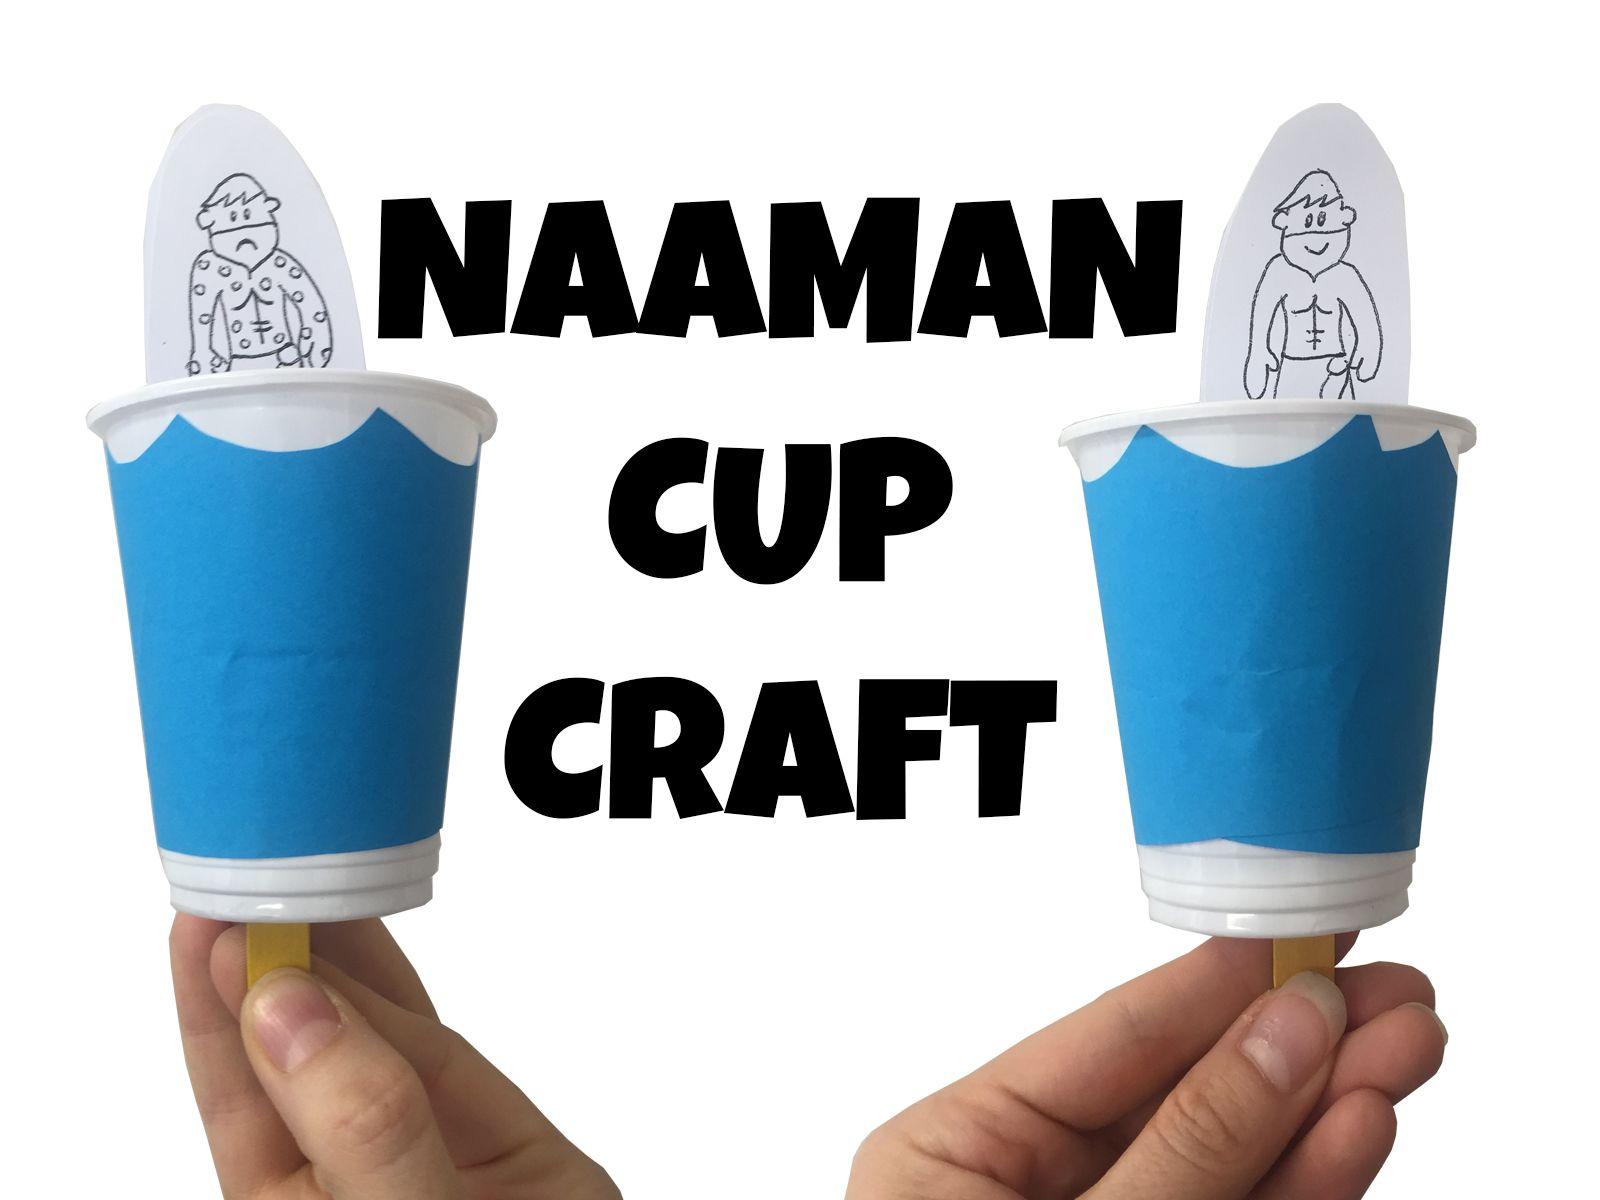 Naaman Cup Craft | Escuela dominical, Dominical y Escuela